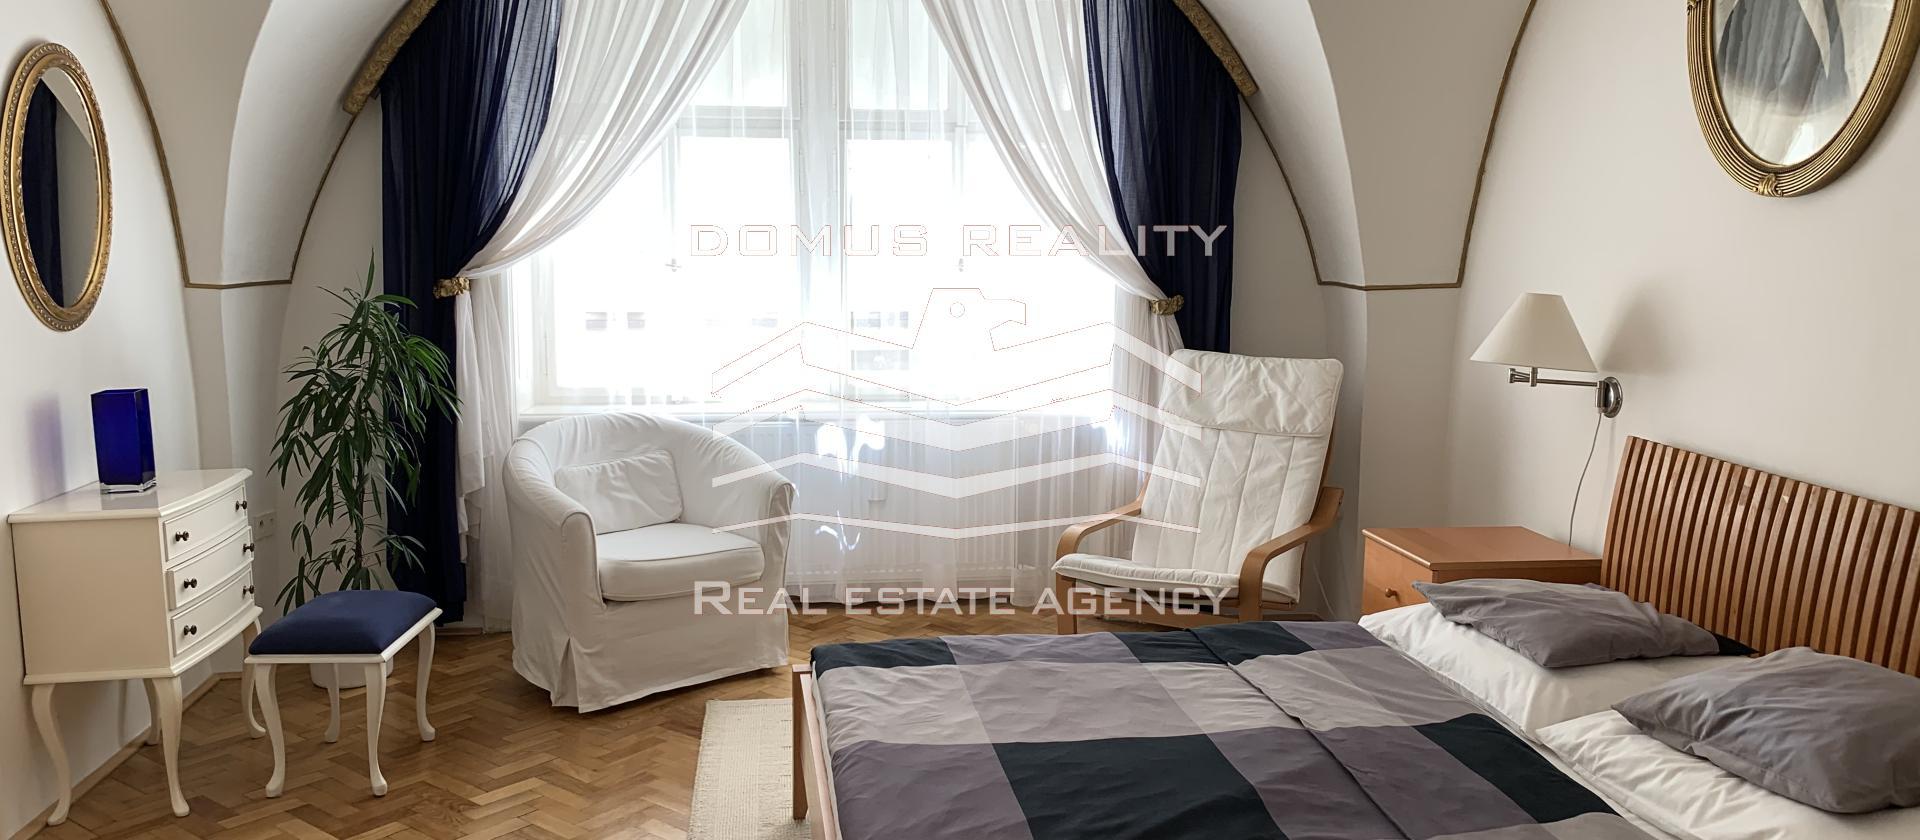 Velmi krásný a světlý byt 3+1 o rozloze 97 m2 s velkou vstupní halou se nachází v secesním cihlovém domě v blízkosti v centru Prahy 1